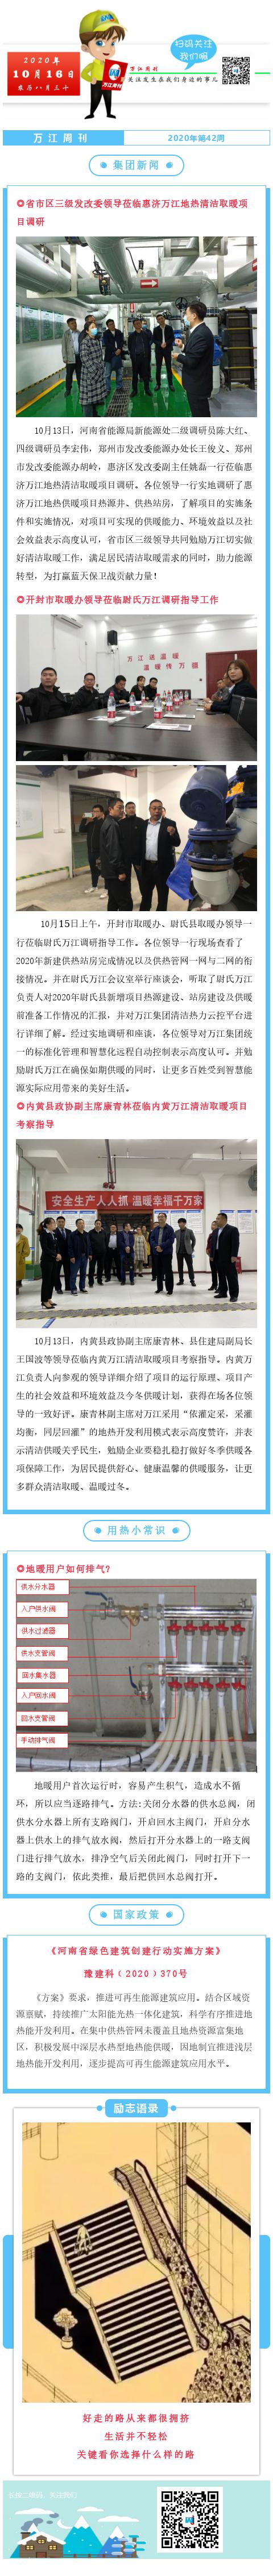 42周萬江周刊.png